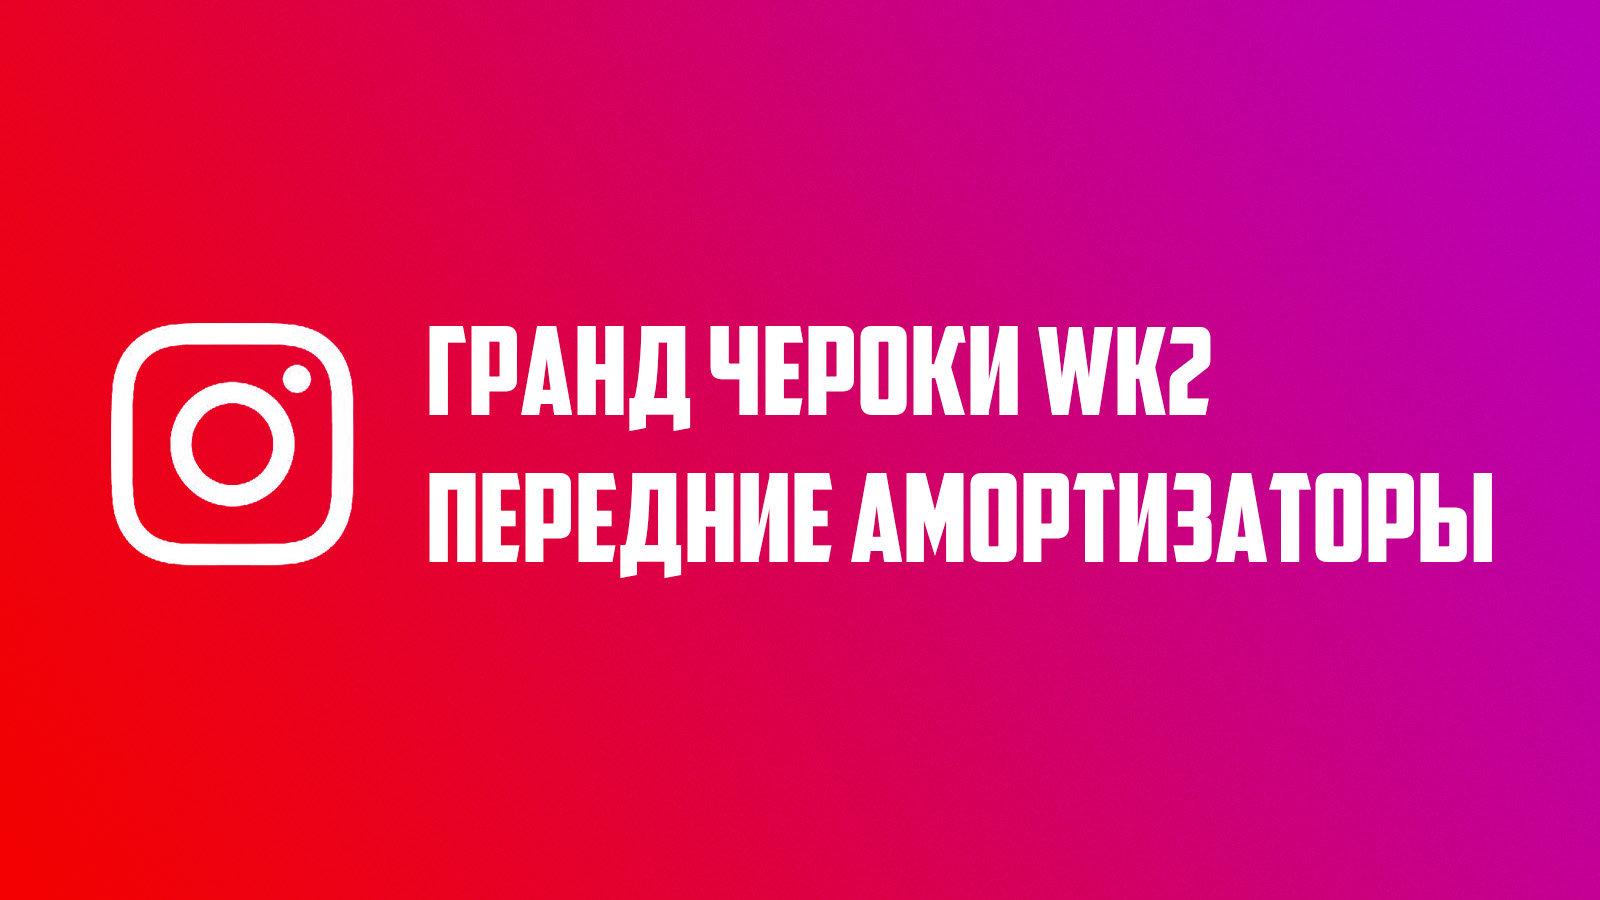 Замена передних амортизаторов  Гранд Чероки WK2